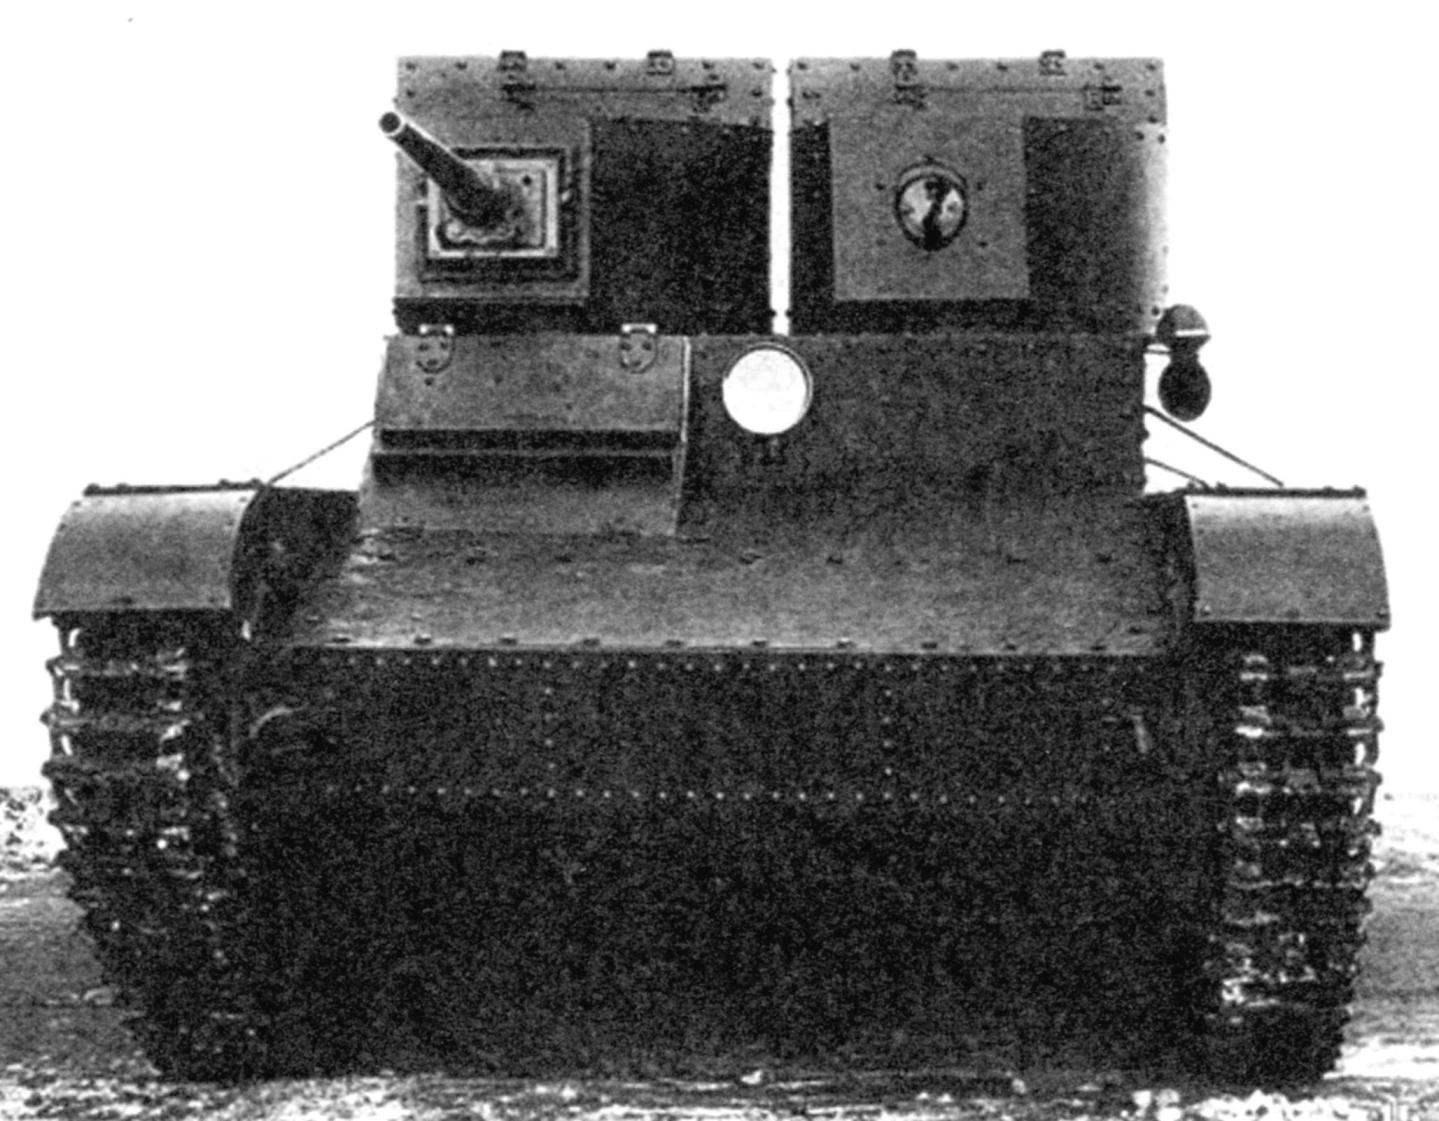 Пушечно-пулемётный танк с 37-мм пушкой Б-3 и 7,62-мм пулемётом ДТ